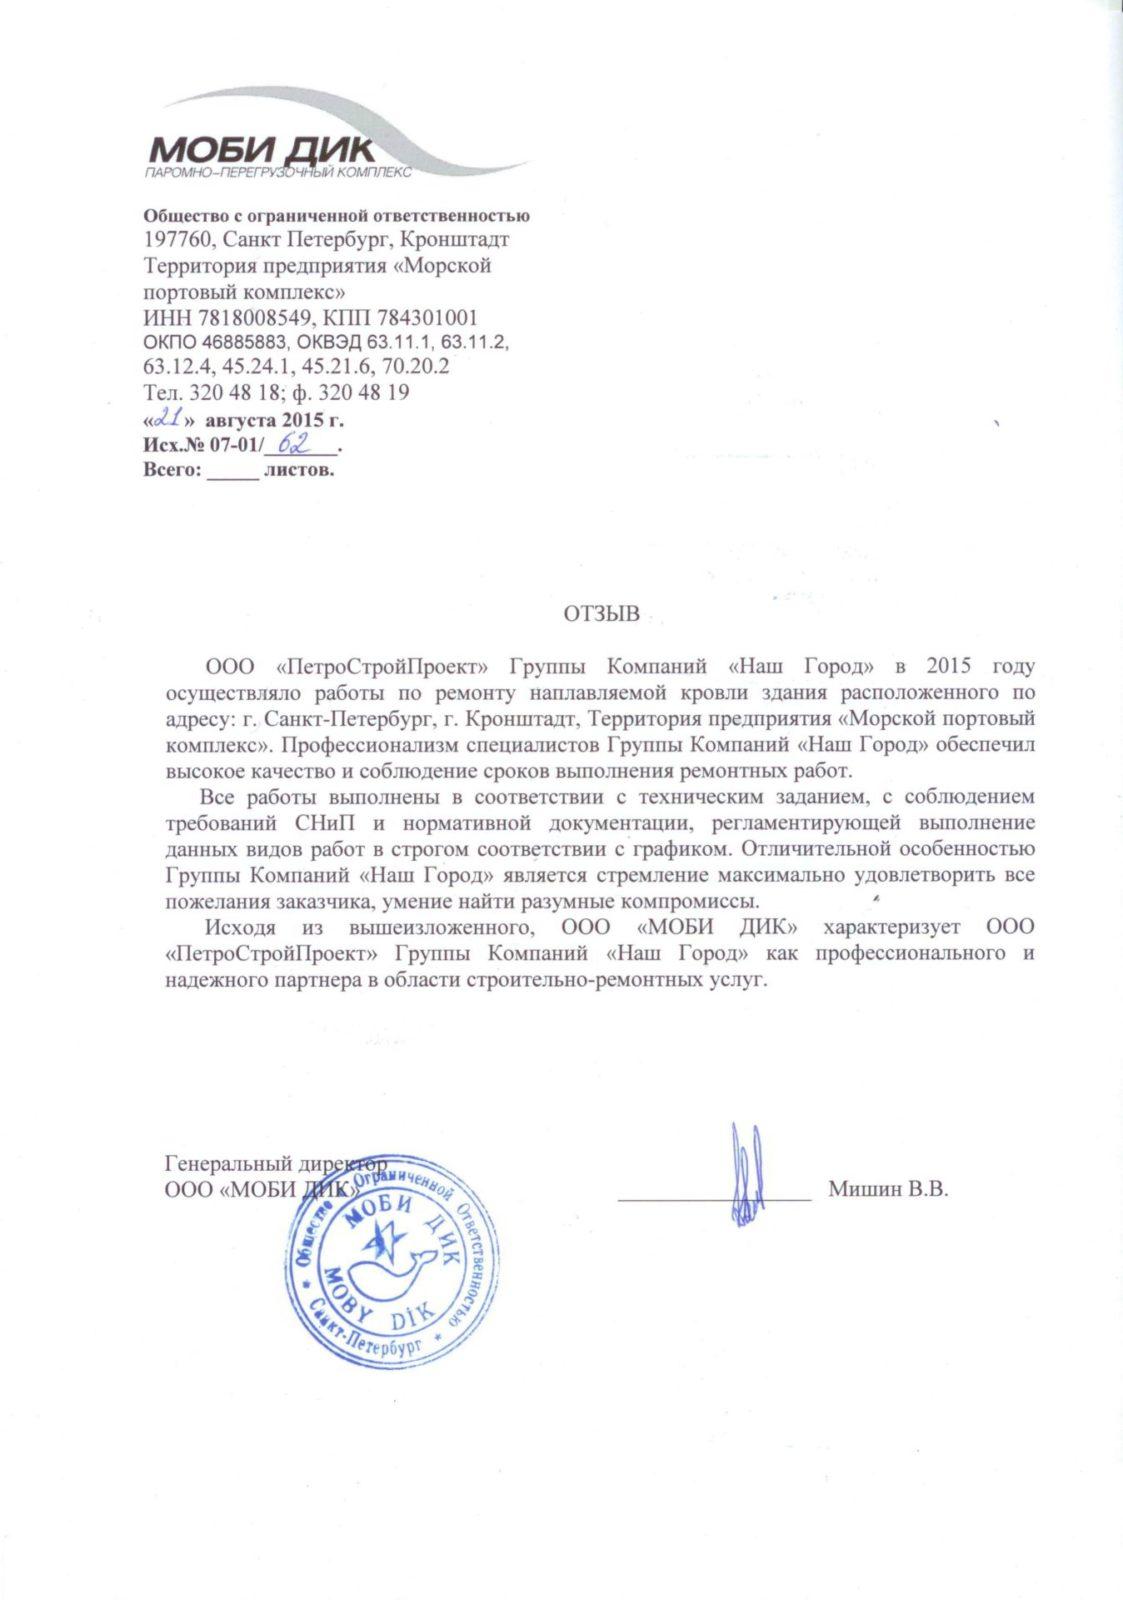 """Отзыв """"Моби Дик"""" о работе ООО """"Наш город"""""""